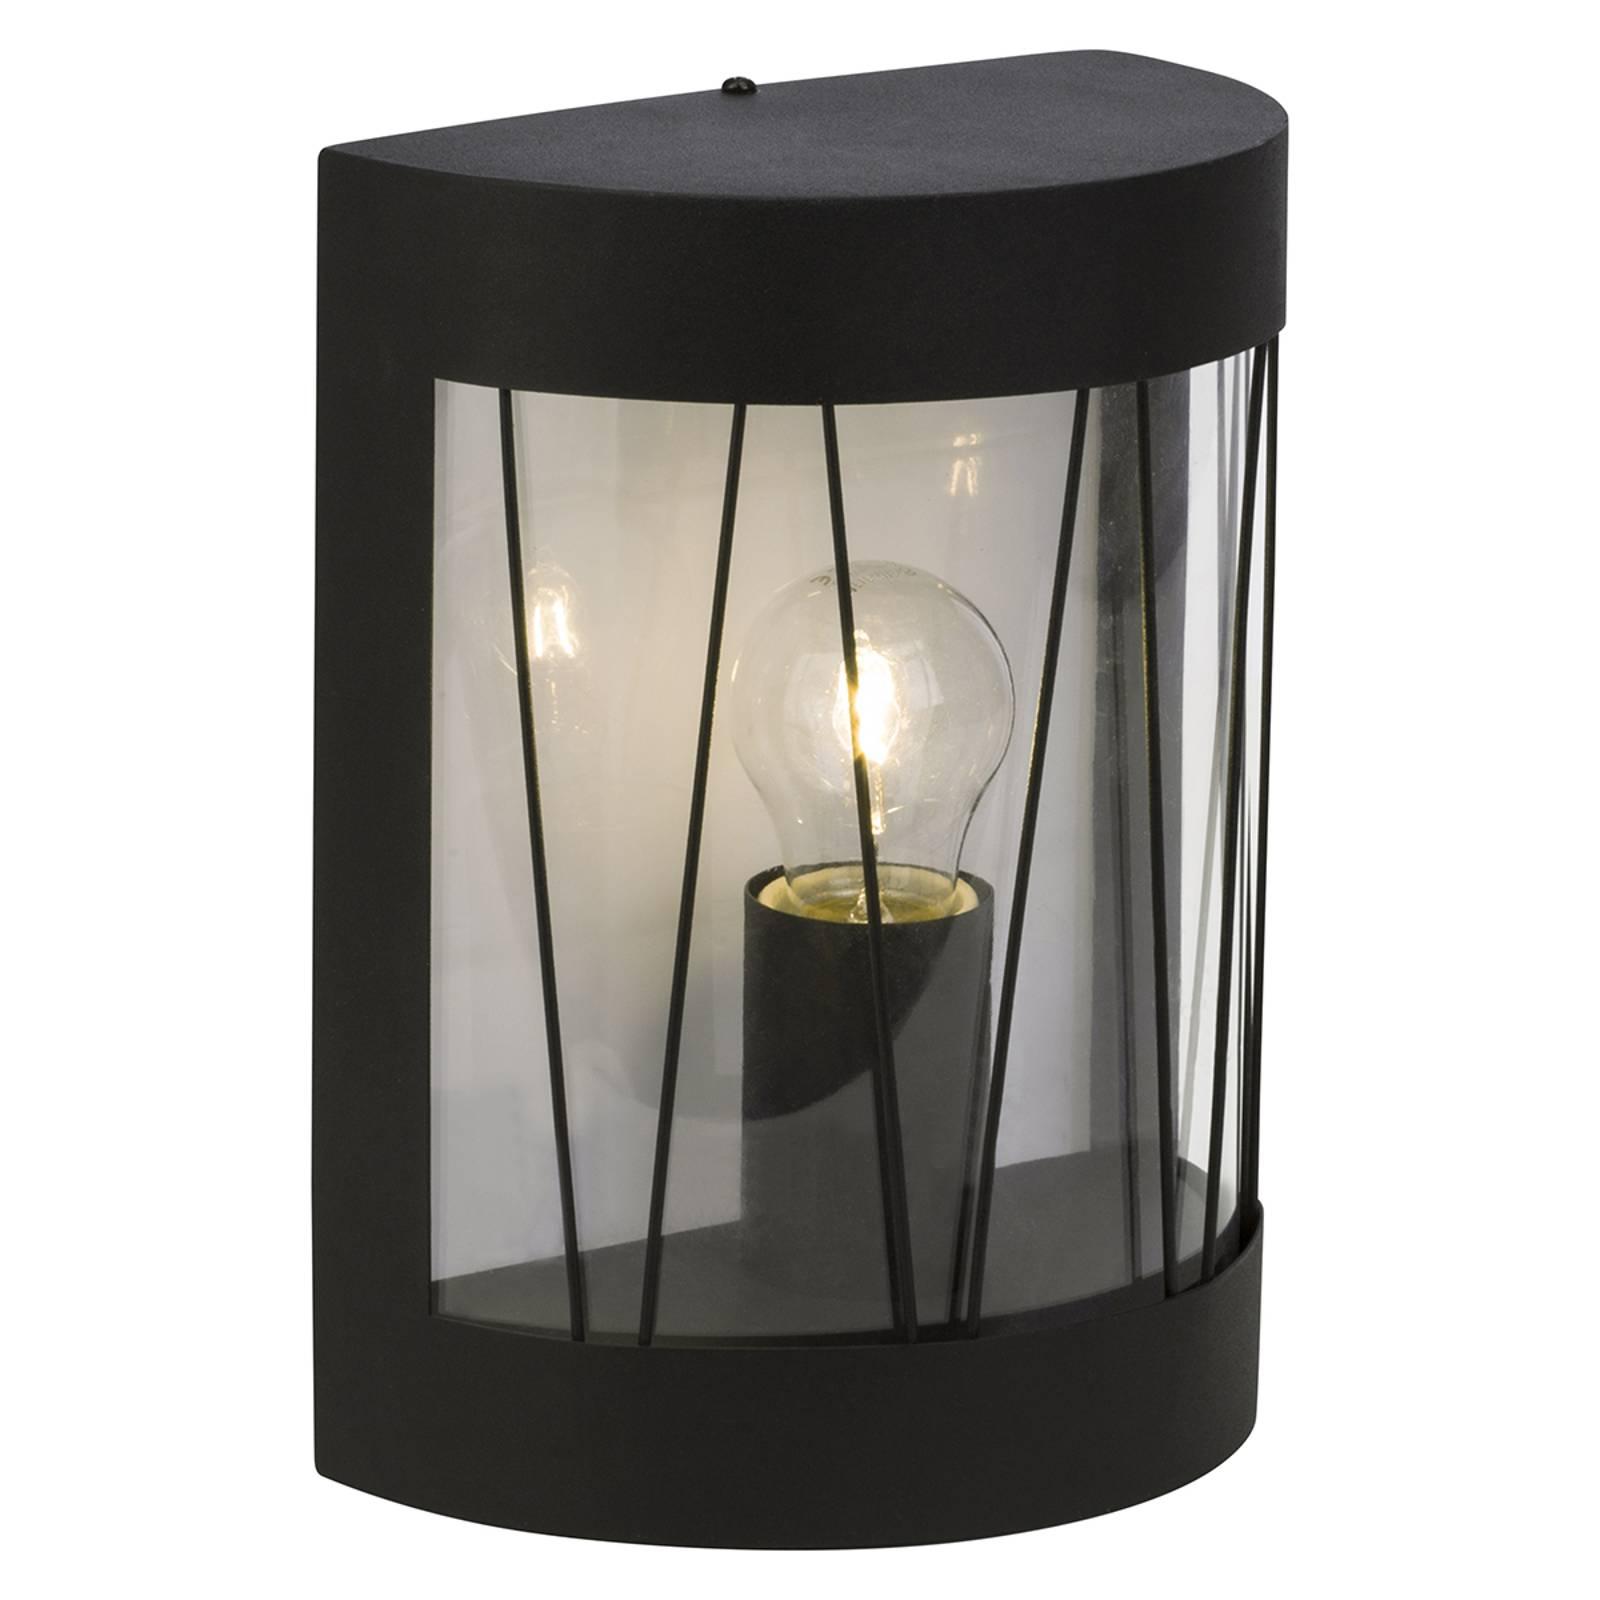 Halfronde buitenwandlamp Reed in zwart